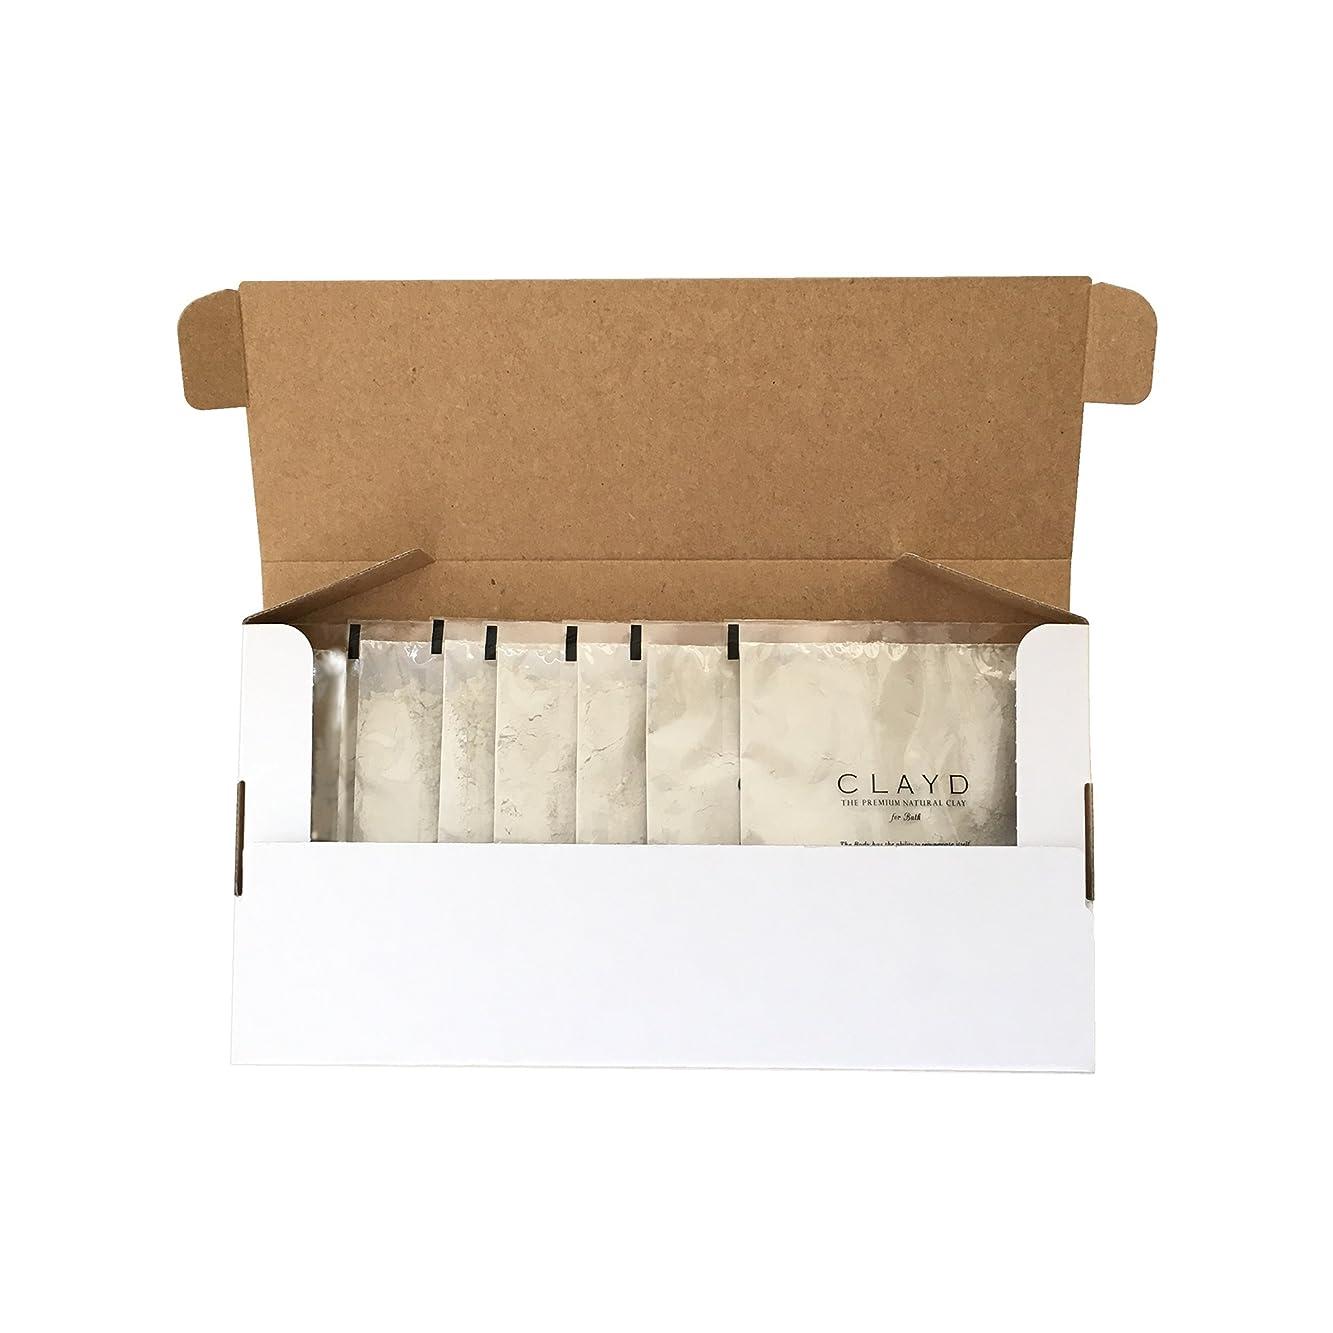 雨デコレーションゴネリルCLAYD for Bath(クレイドフォーバス)ONE WEEK TRIAL(30g×7袋)